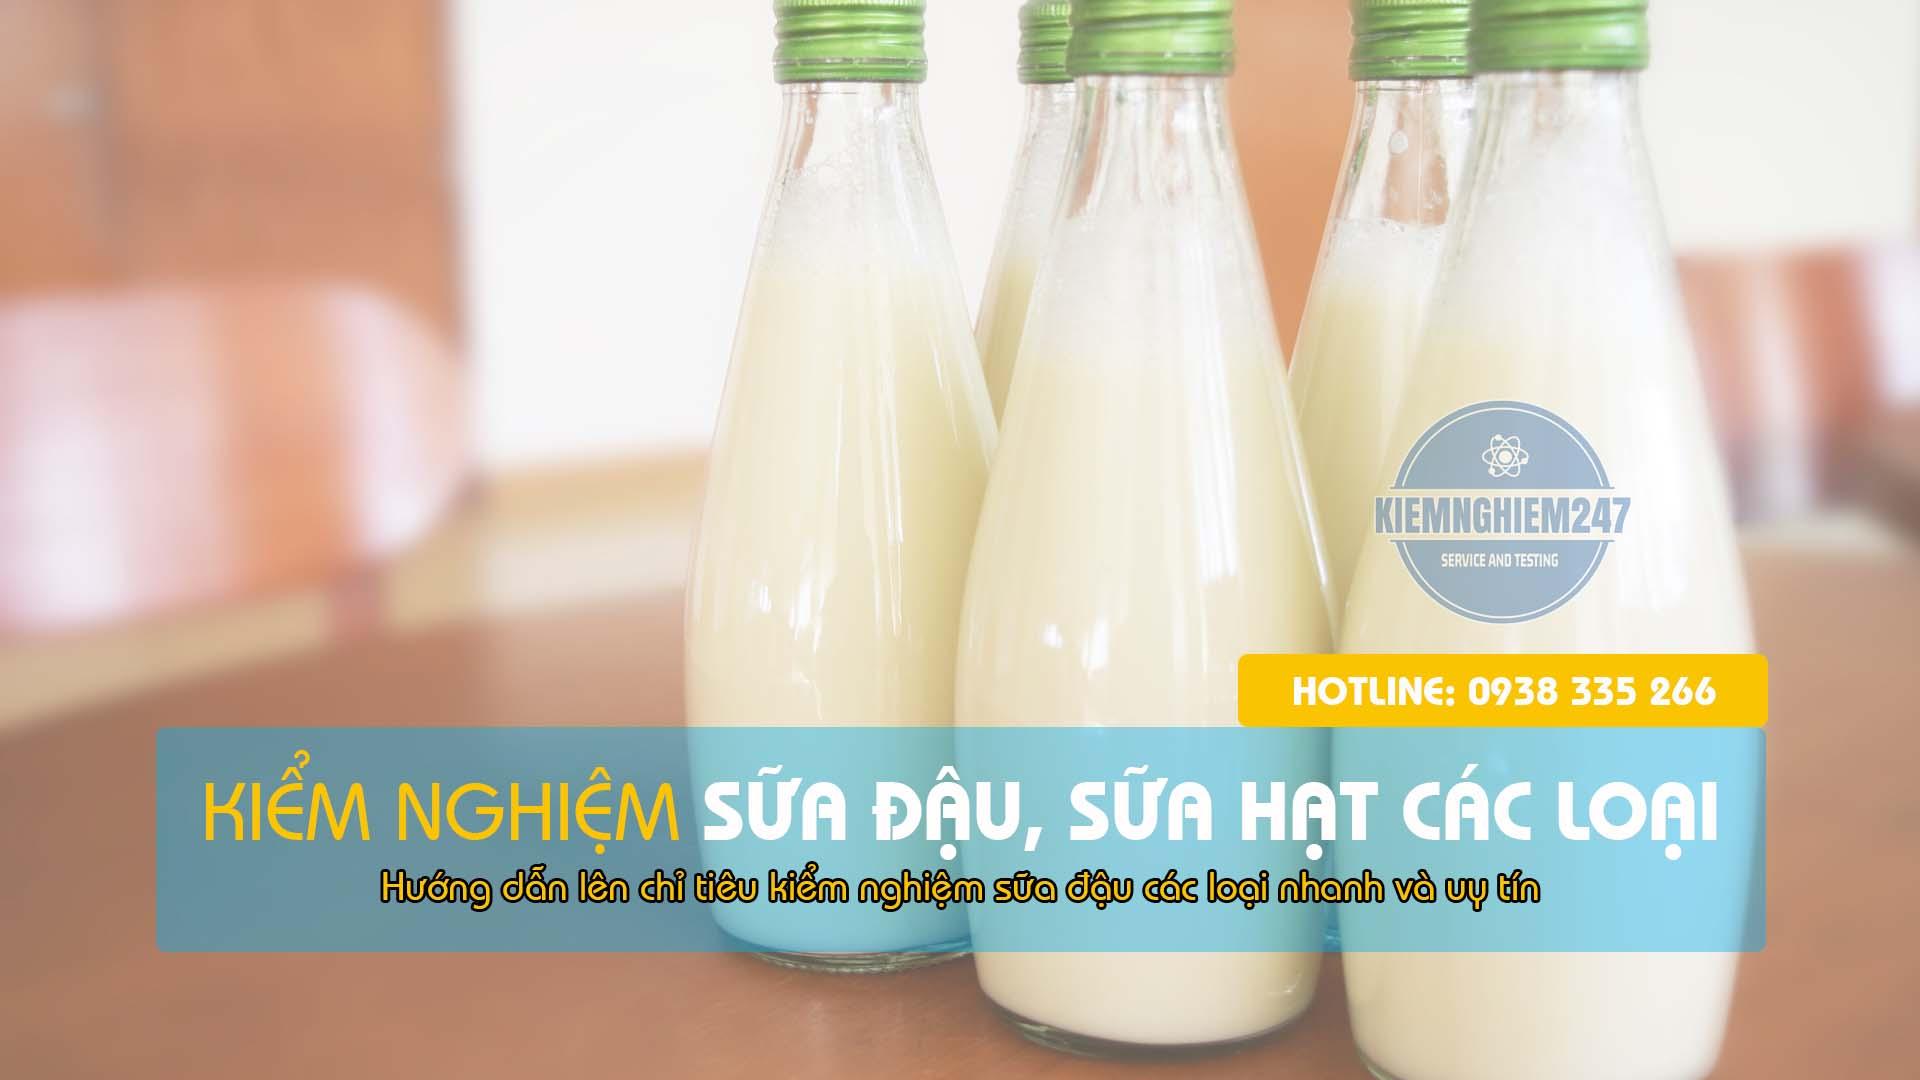 Kiểm nghiệm sữa đậu các loại